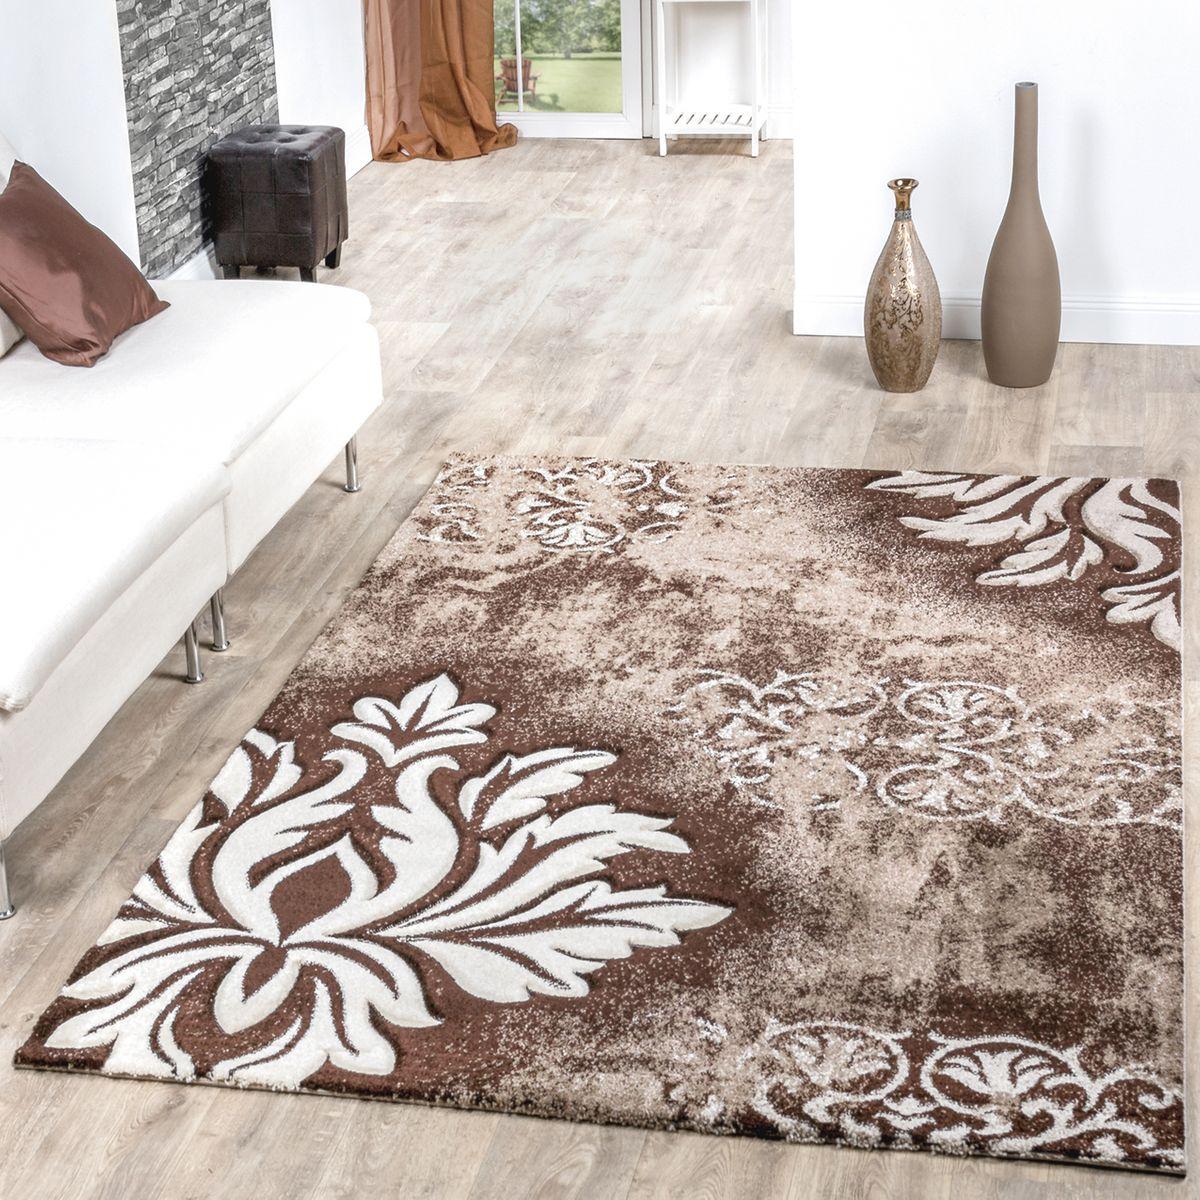 Moderner Teppich Wohnzimmer Kurzflor Teppich Blumen Muster